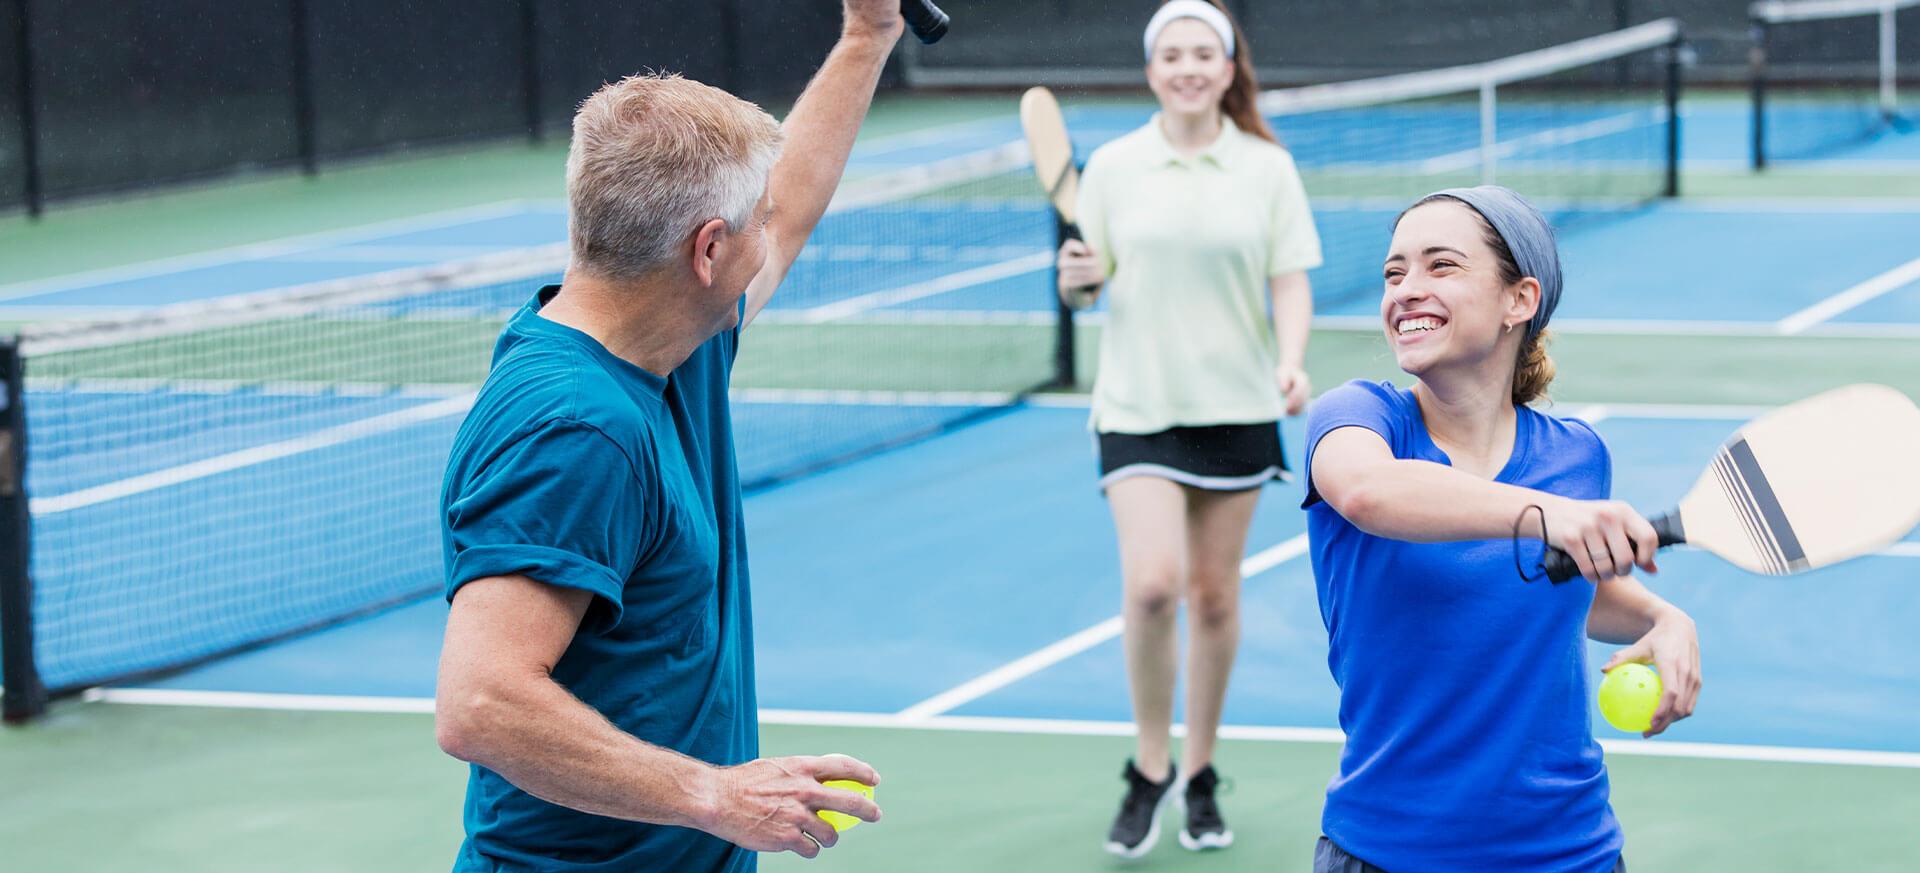 3 Personen spielen Squash